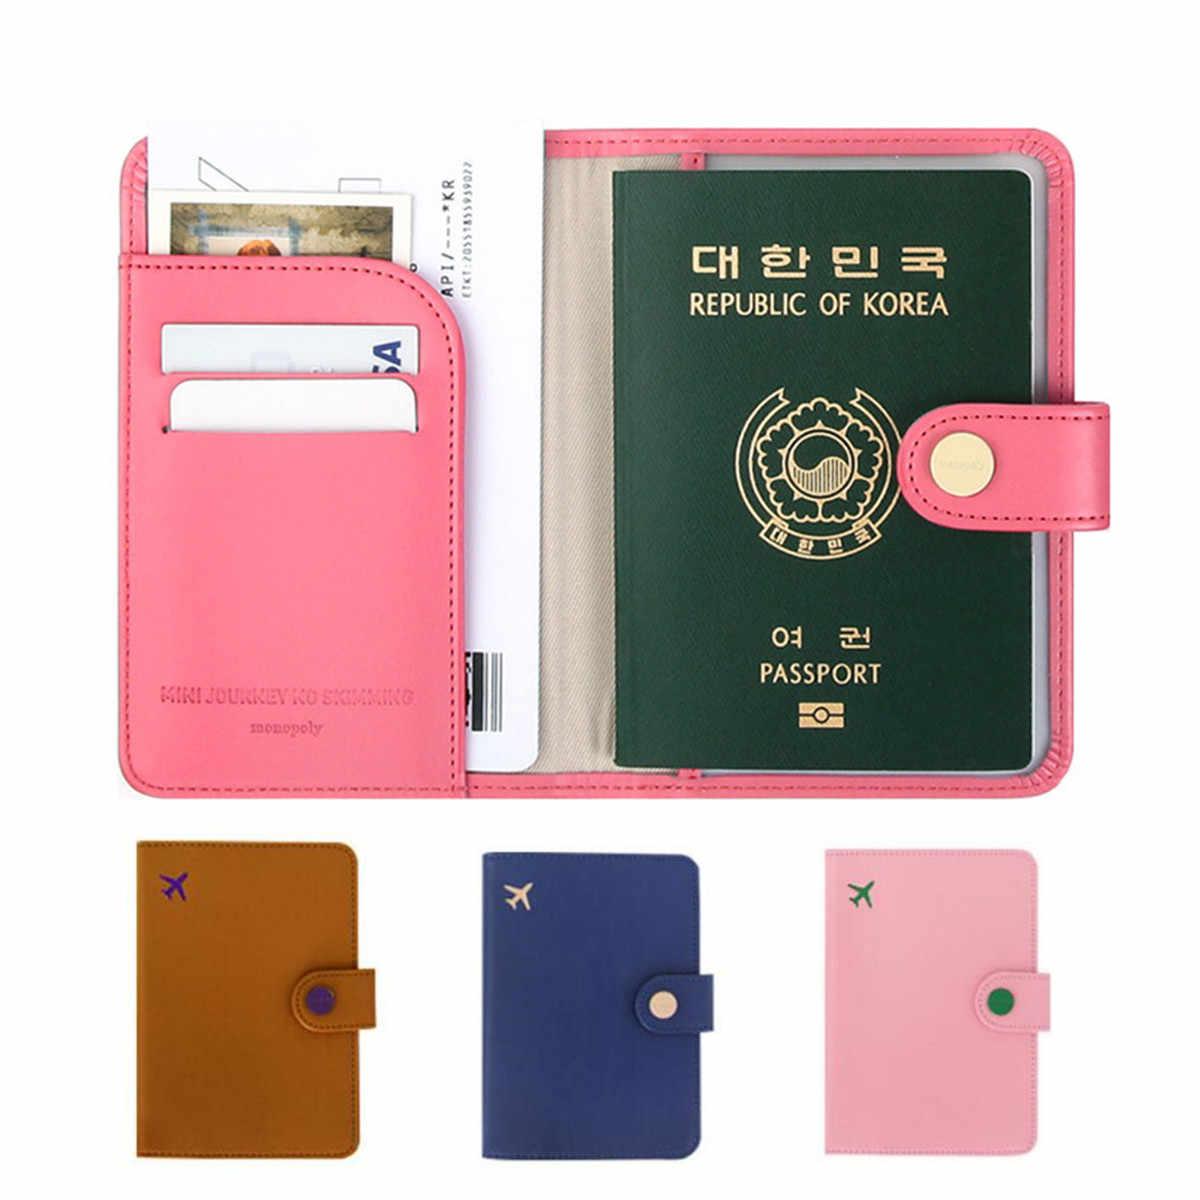 45c60641ee3d AEQUEEN RFID Blocking Passport Holder Wallet Travel Card Case Ticket  Organizer Cover Protector Protective Travel Passport Cover